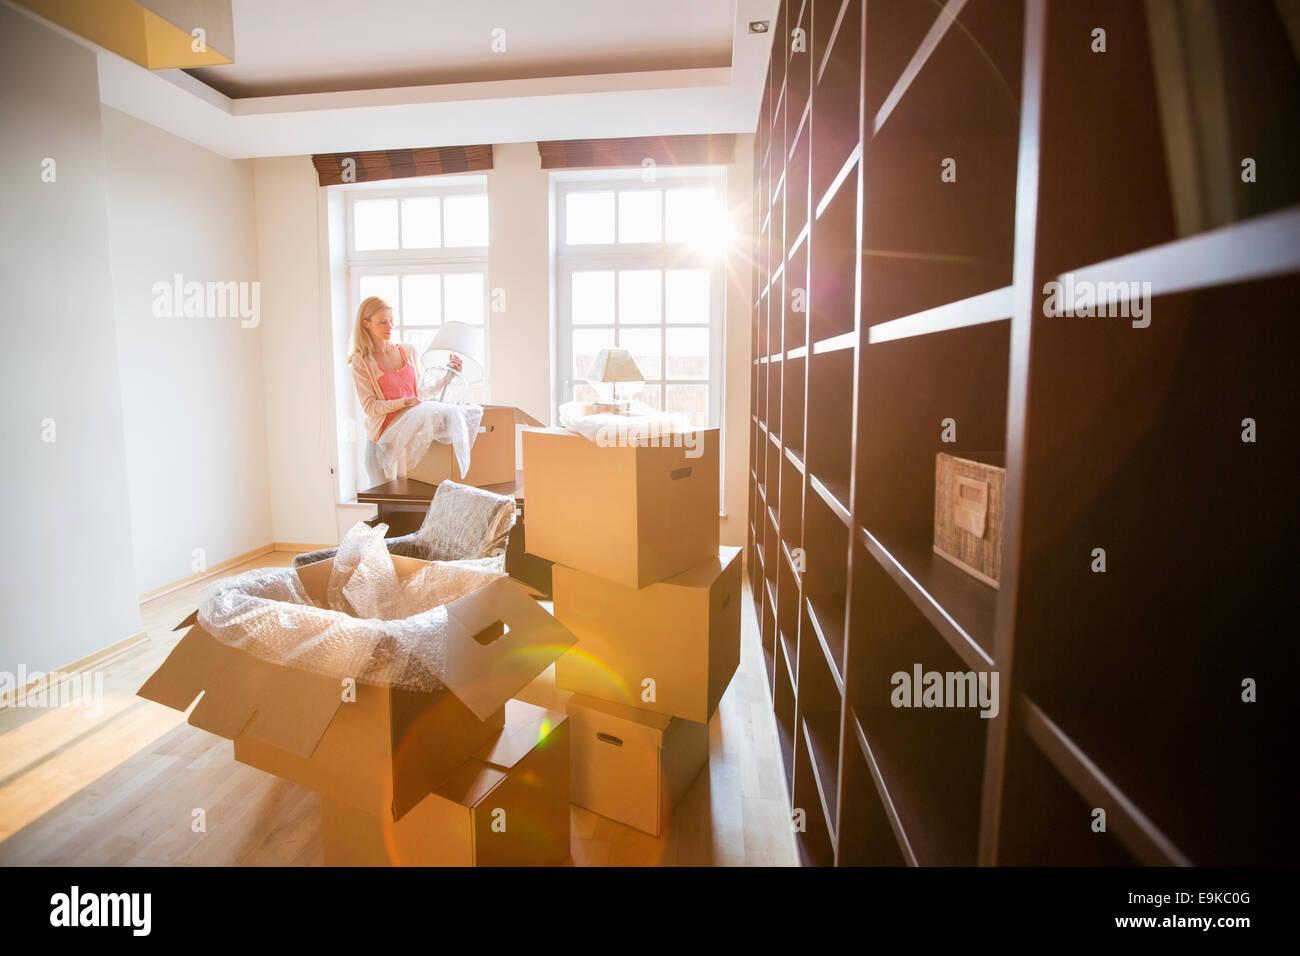 Frau Lampe von beweglichen Box im neuen Haus Auspacken Stockbild